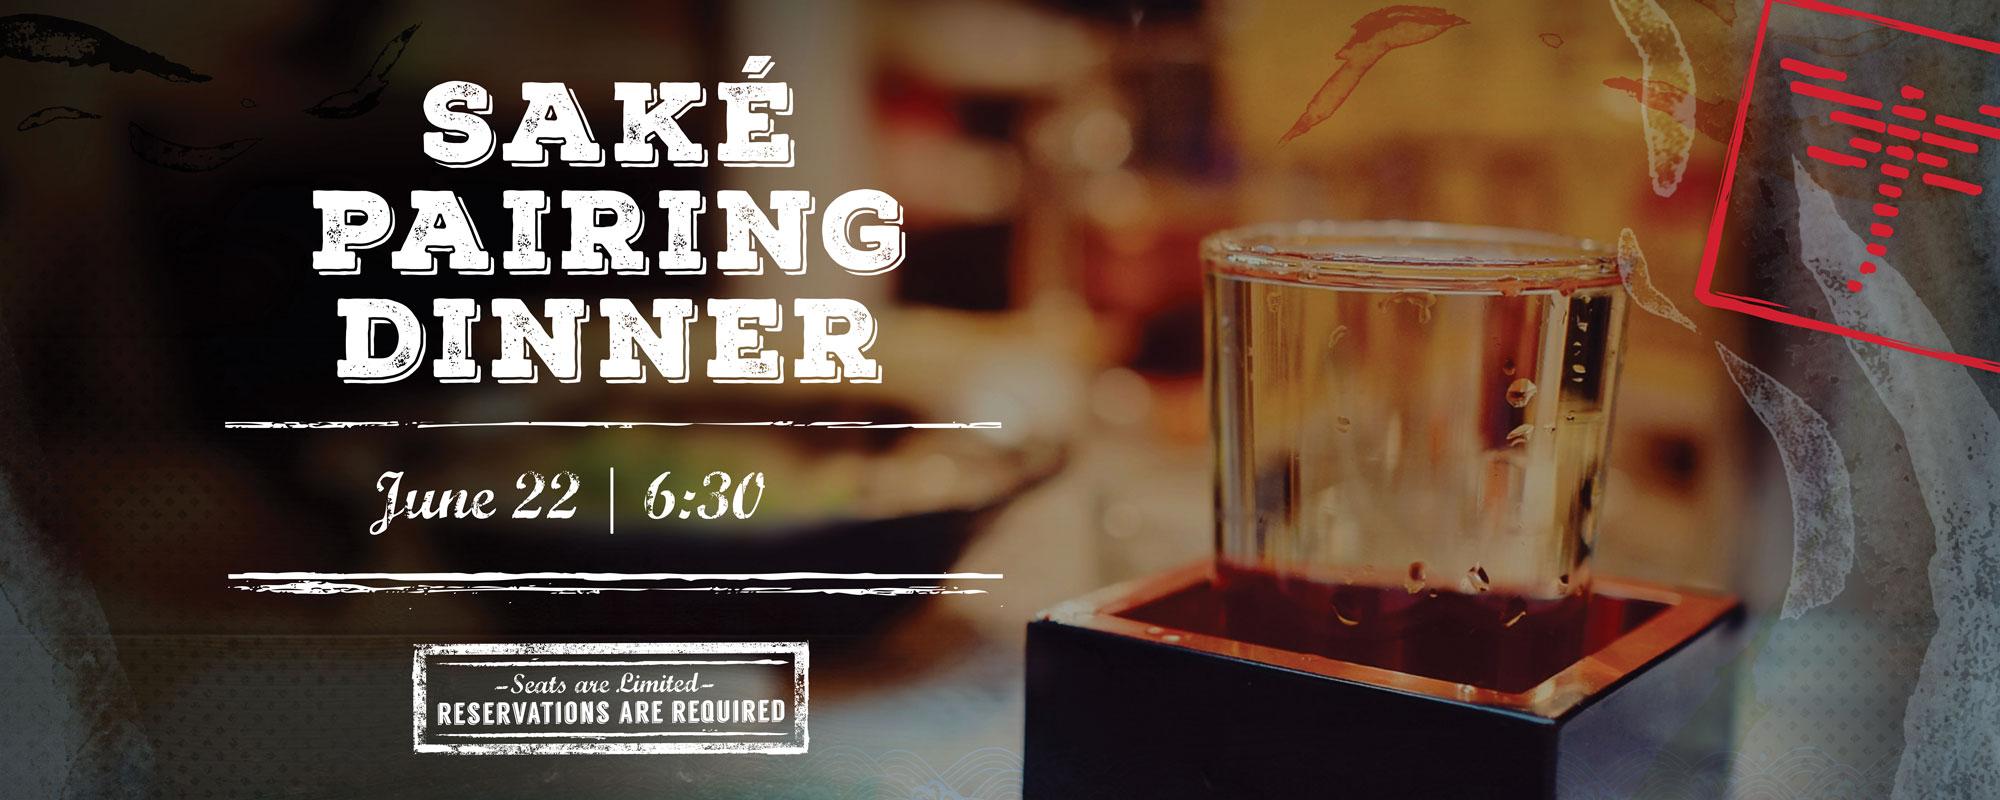 Sake Pairing Dinner Header